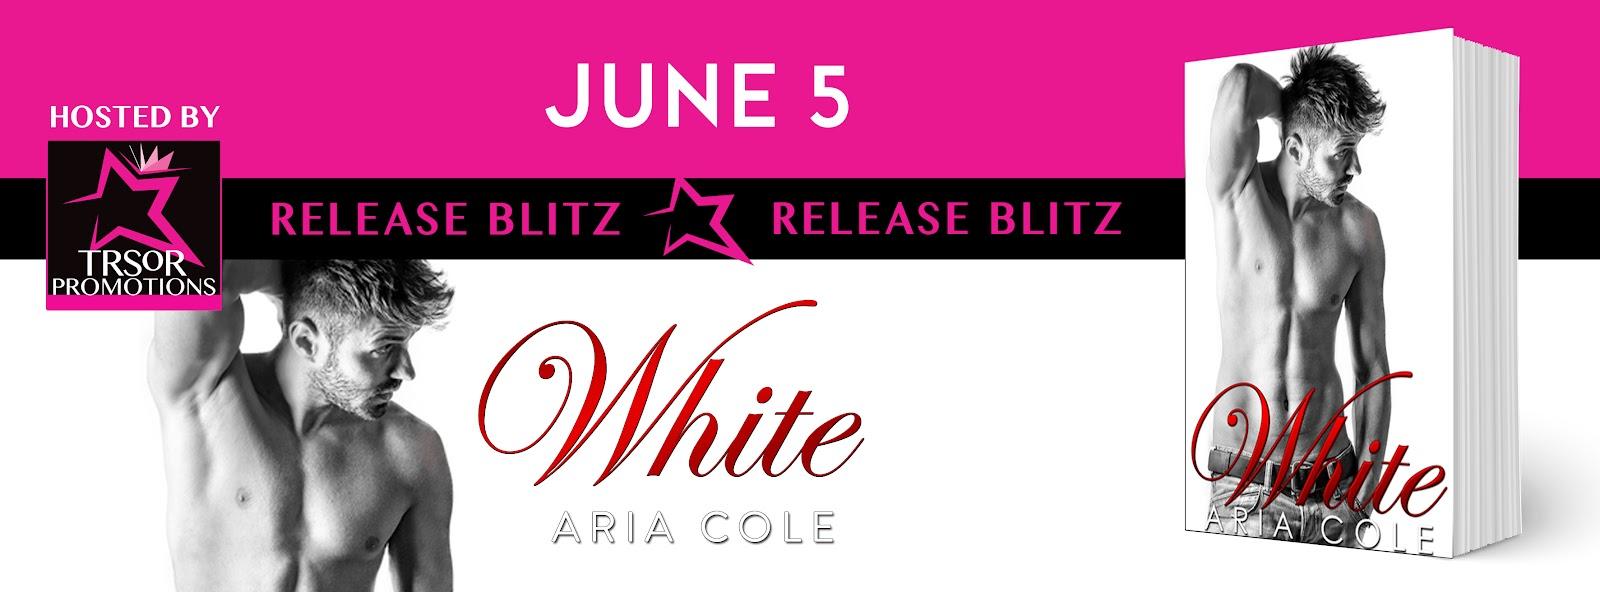 WHITE_RELEASE_BLITZ.jpg